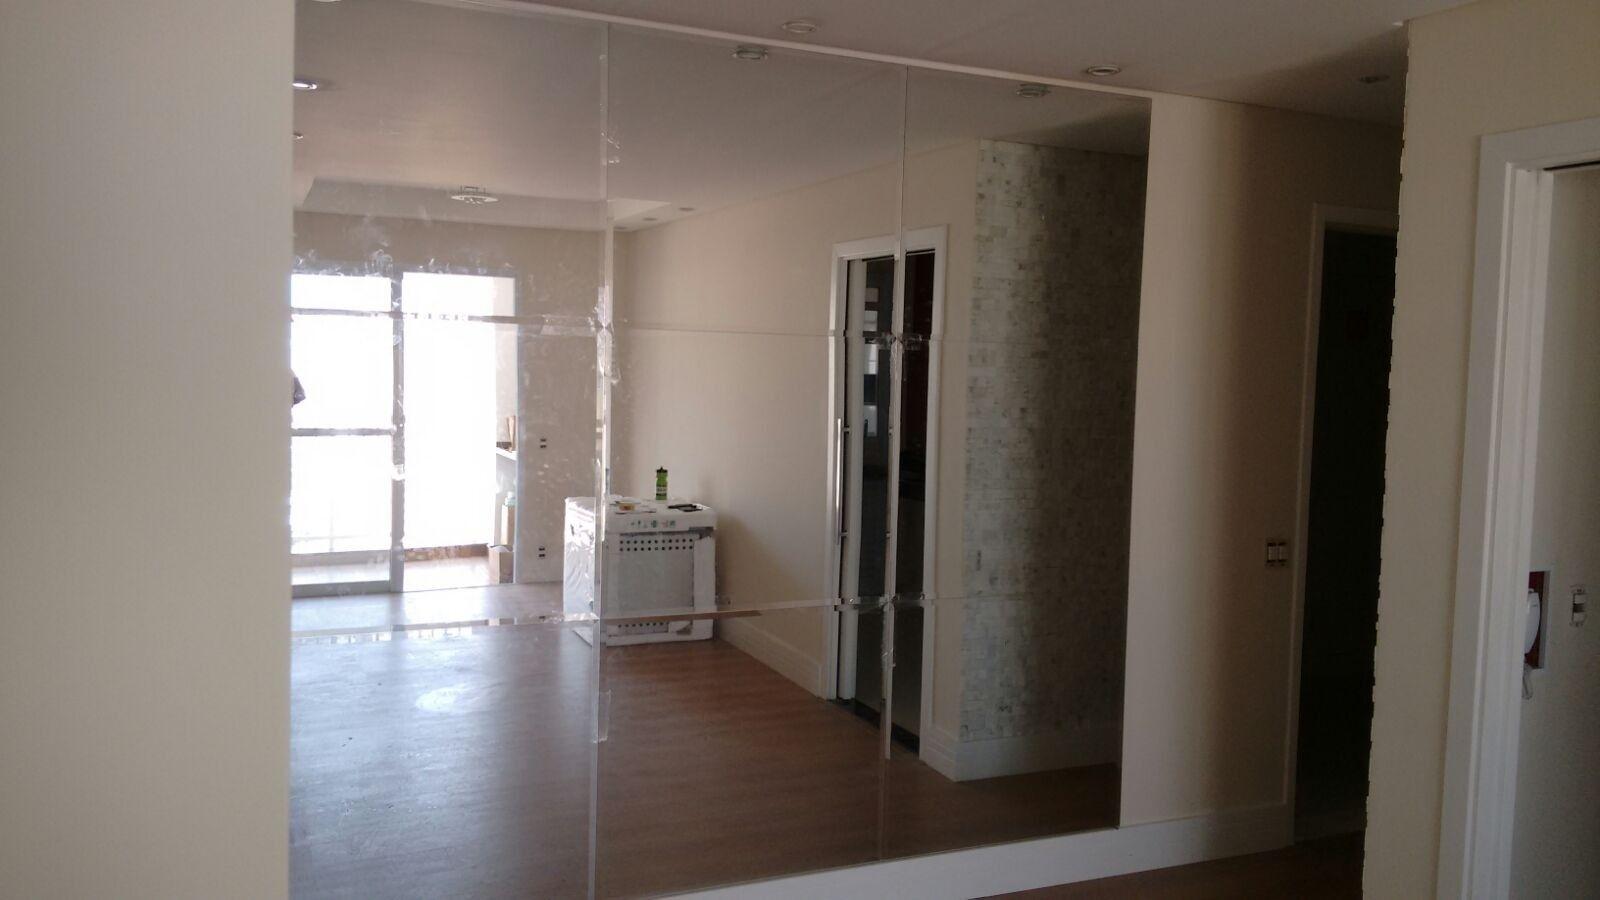 #30271C  de Sala Onde Fazer no Tucuruvi Espelhos de Salas Box em Vidro 1238 Portas E Janelas De Vidro Zona Leste